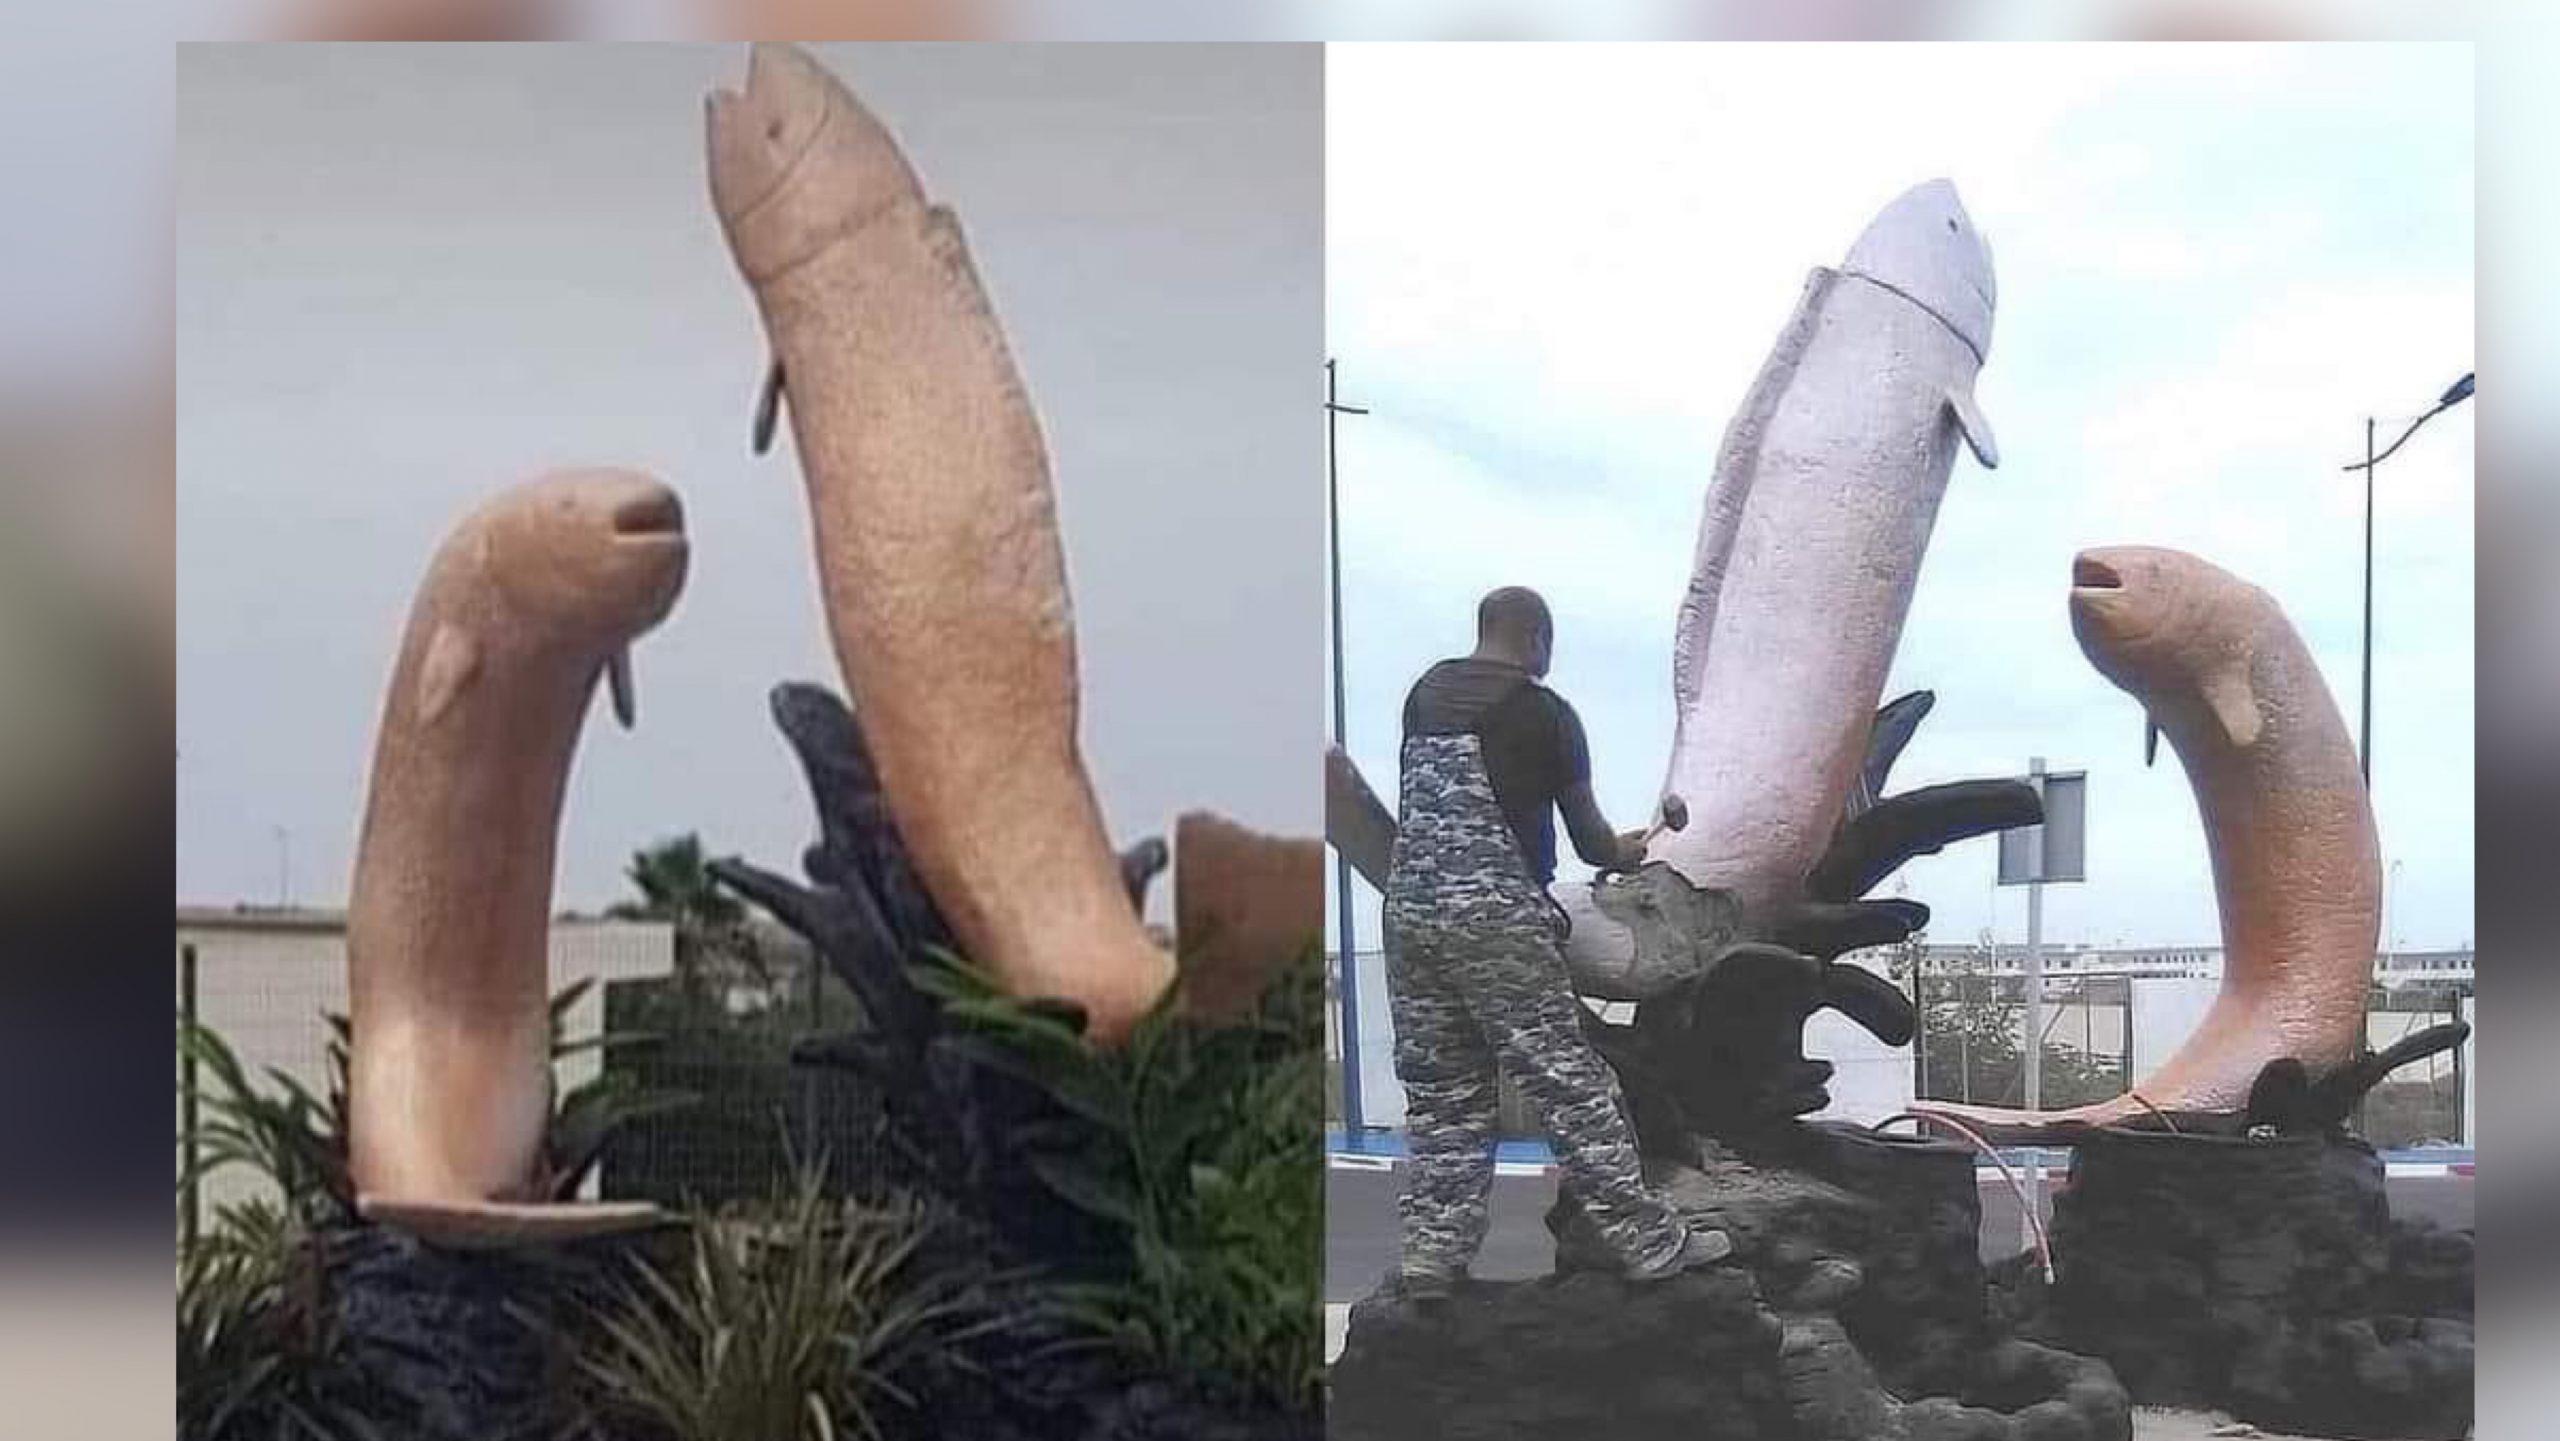 صورة مجسم بمدخل شاطئ المهدية يثير سخرية رواد الفيسبوك